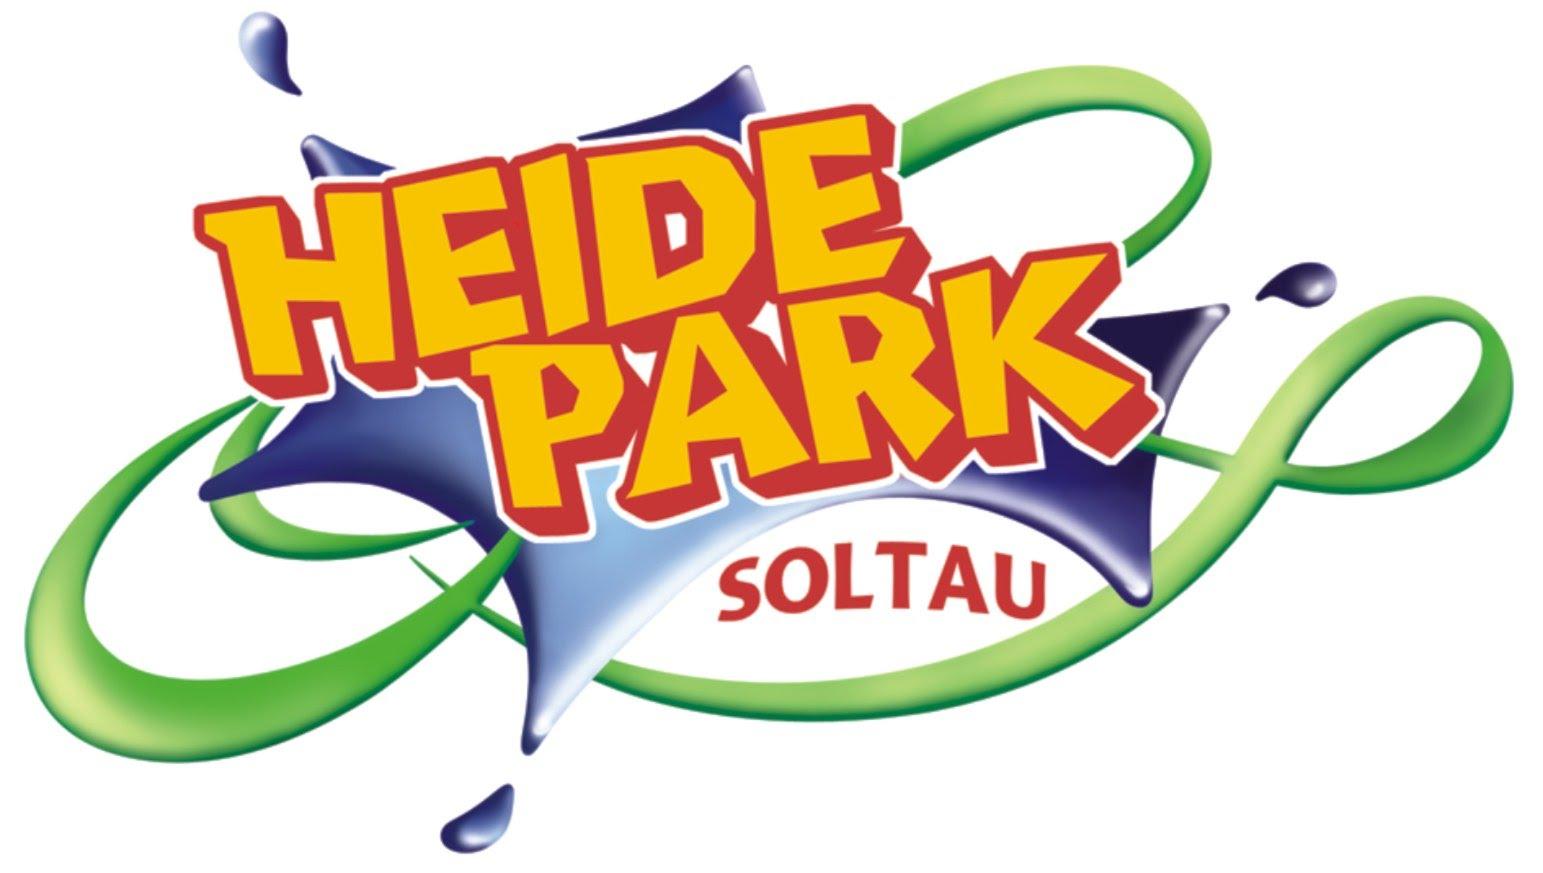 Heide Park Soltau.